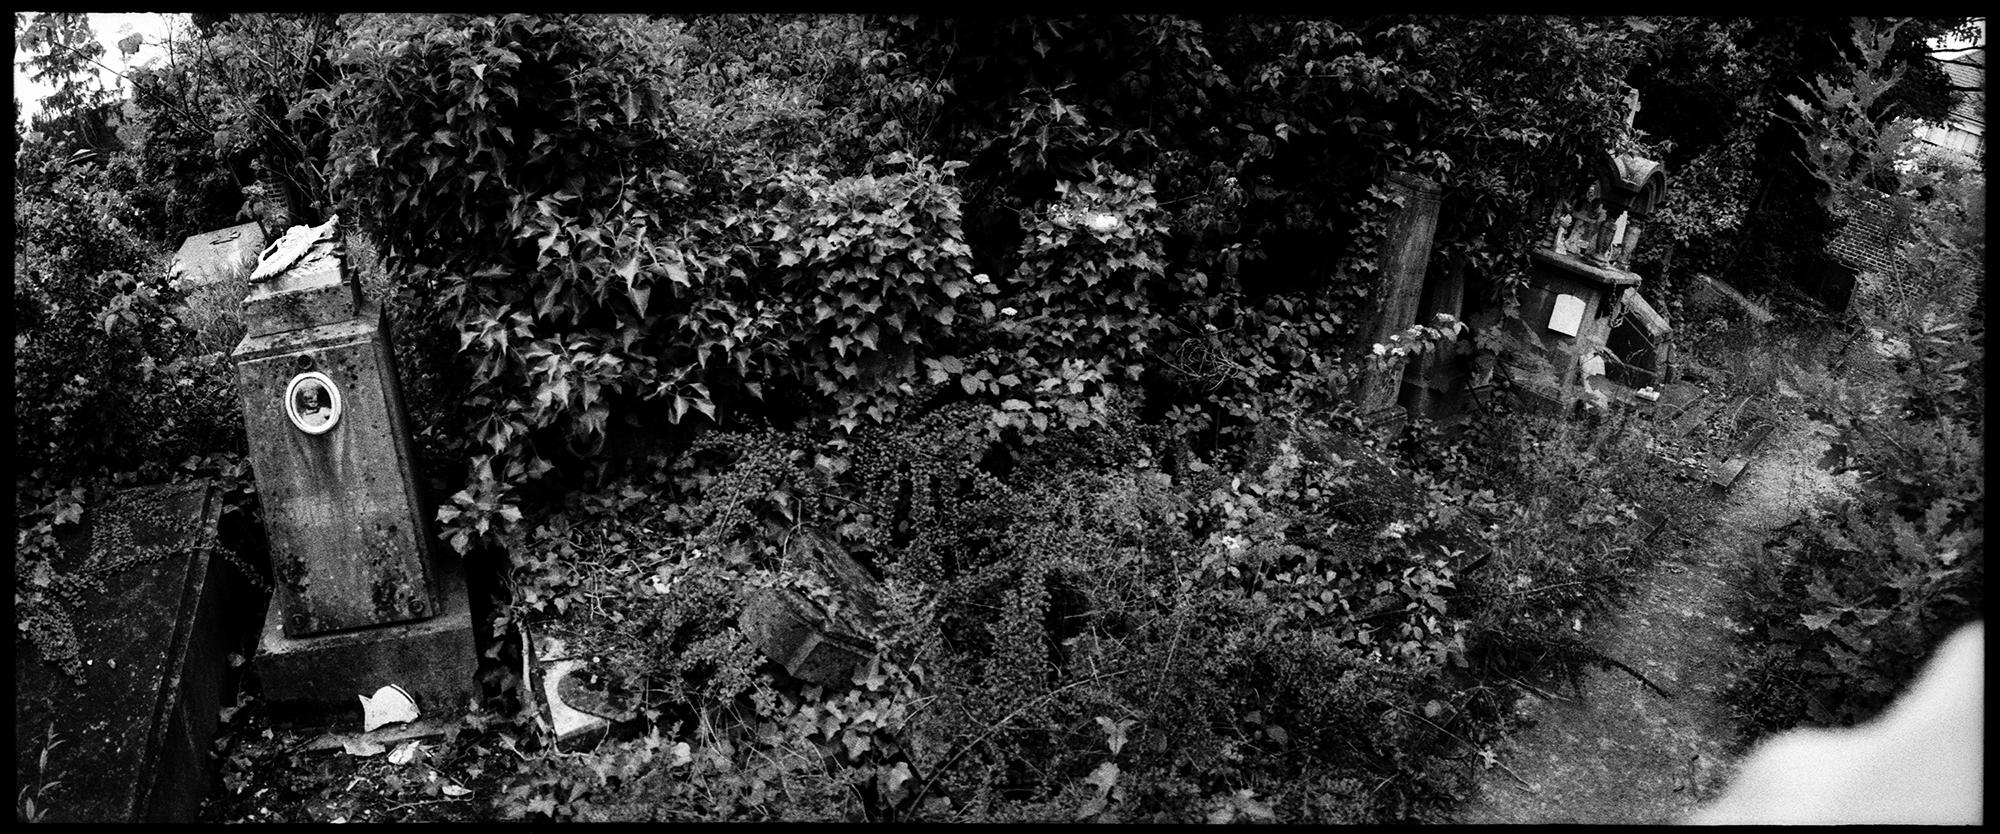 Dieweg Cemetery by Laurent Orseau #48